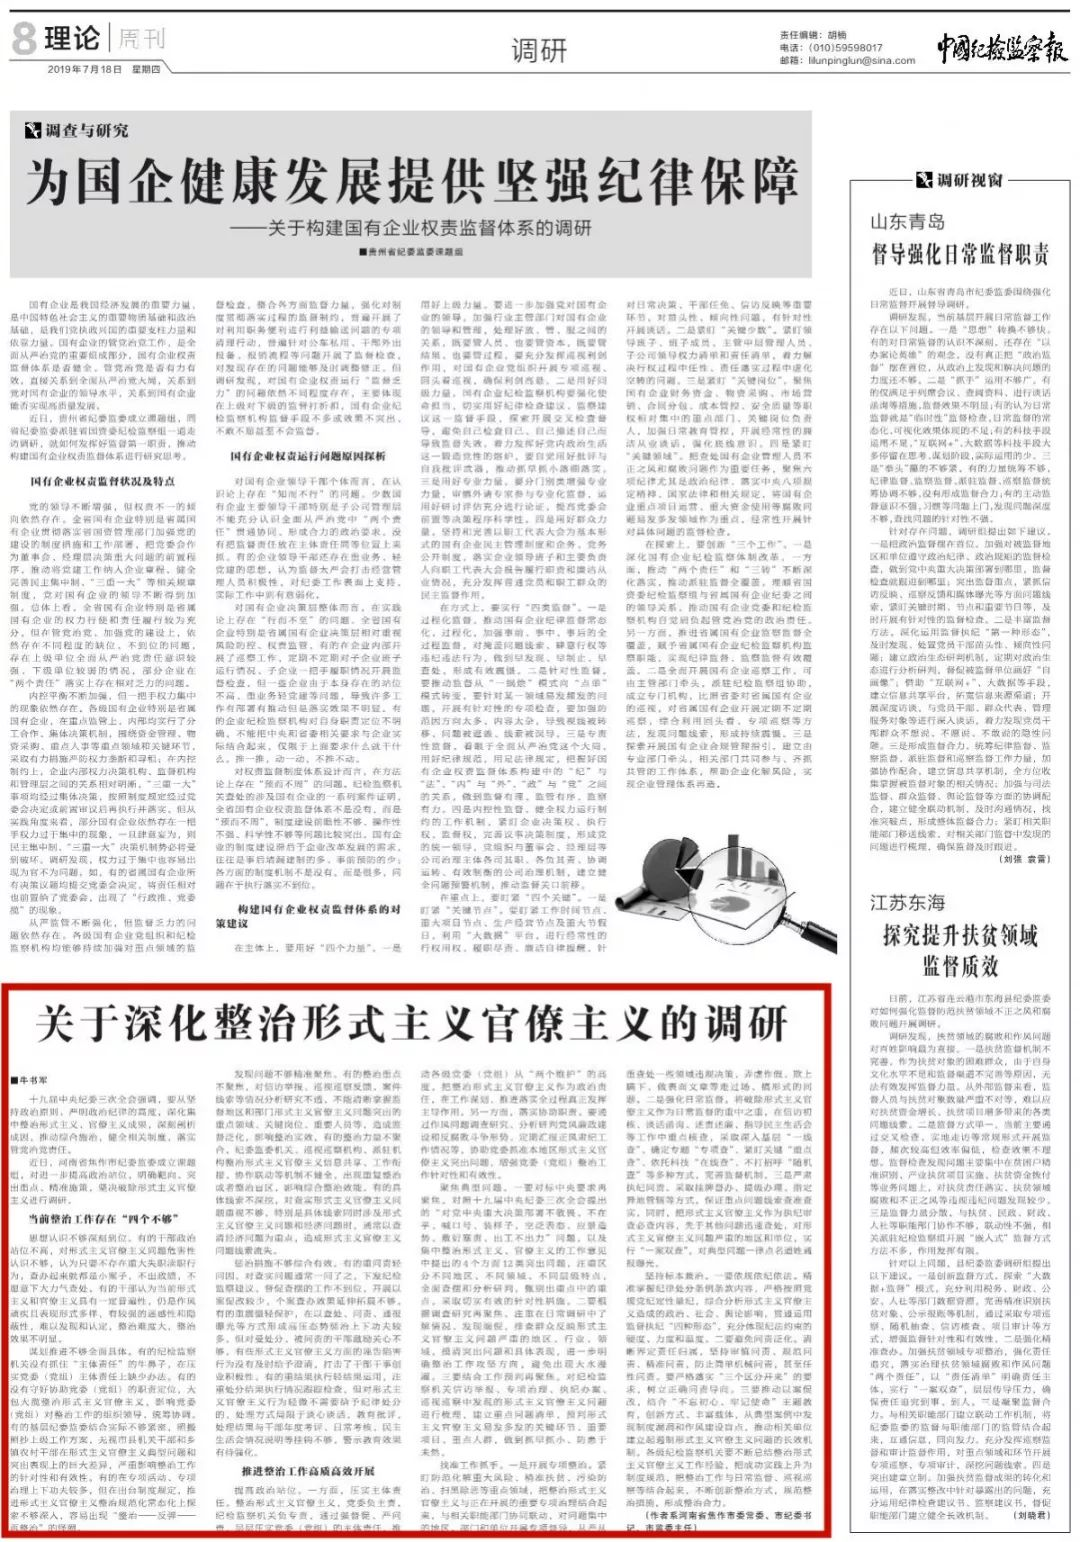 《中国纪检监察报》刊登牛书军署名文章《关于深化整治形式主义官僚主义的调研》